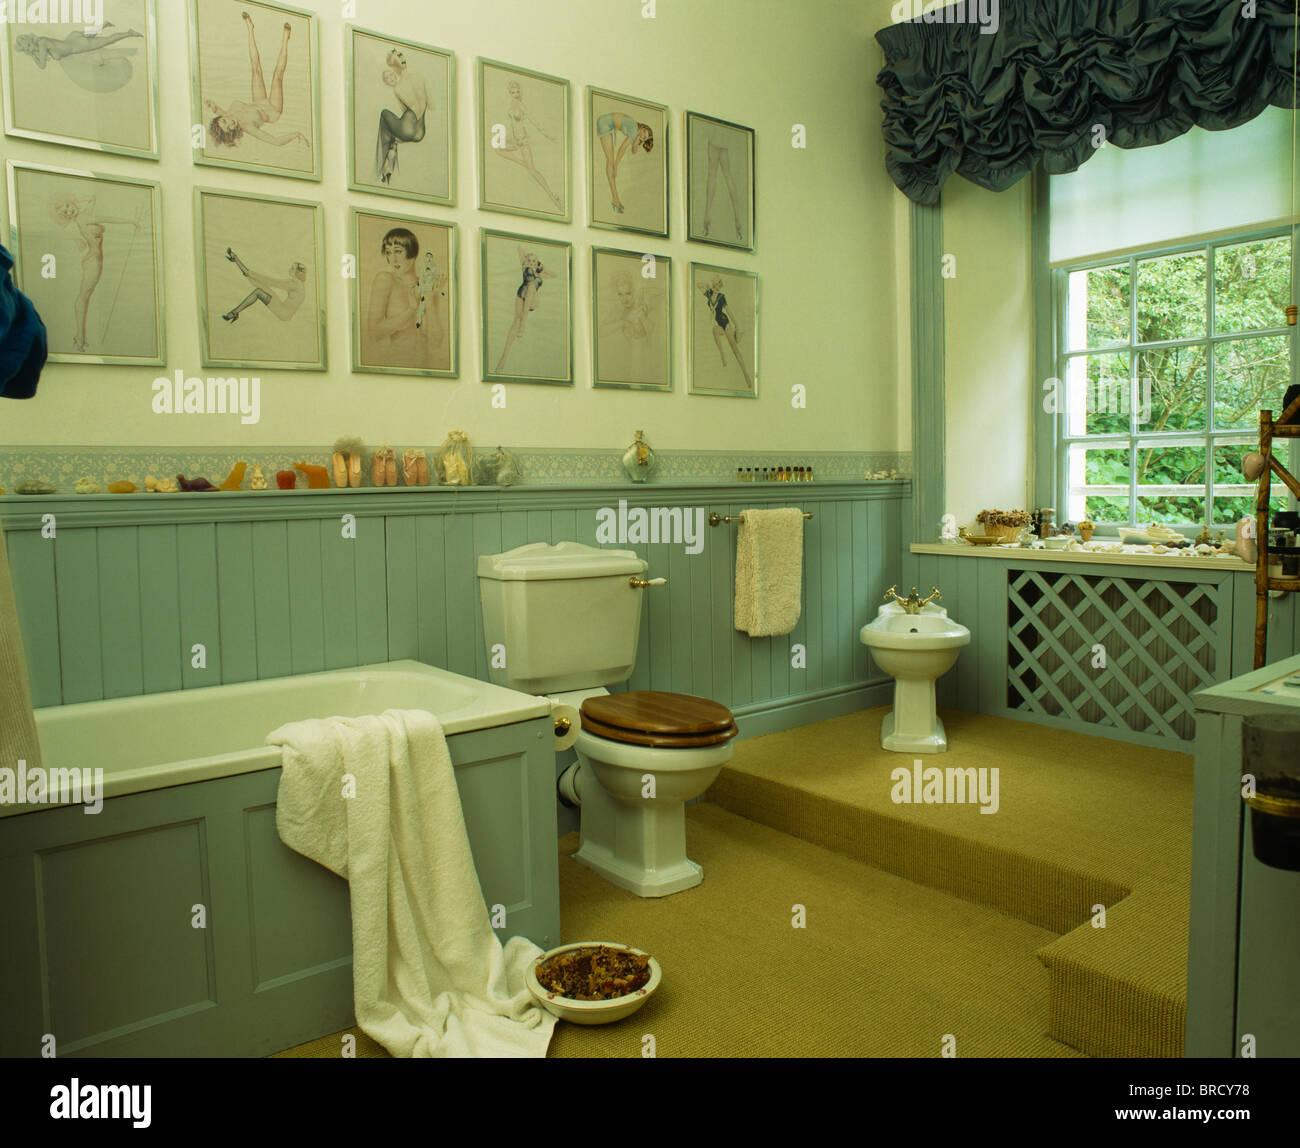 Fantastisch Sammlung Von Bildern Auf Wand über Bad Im Land Badezimmer Mit  Türkisfarbenen Zunge + Nut Dado Verkleidung